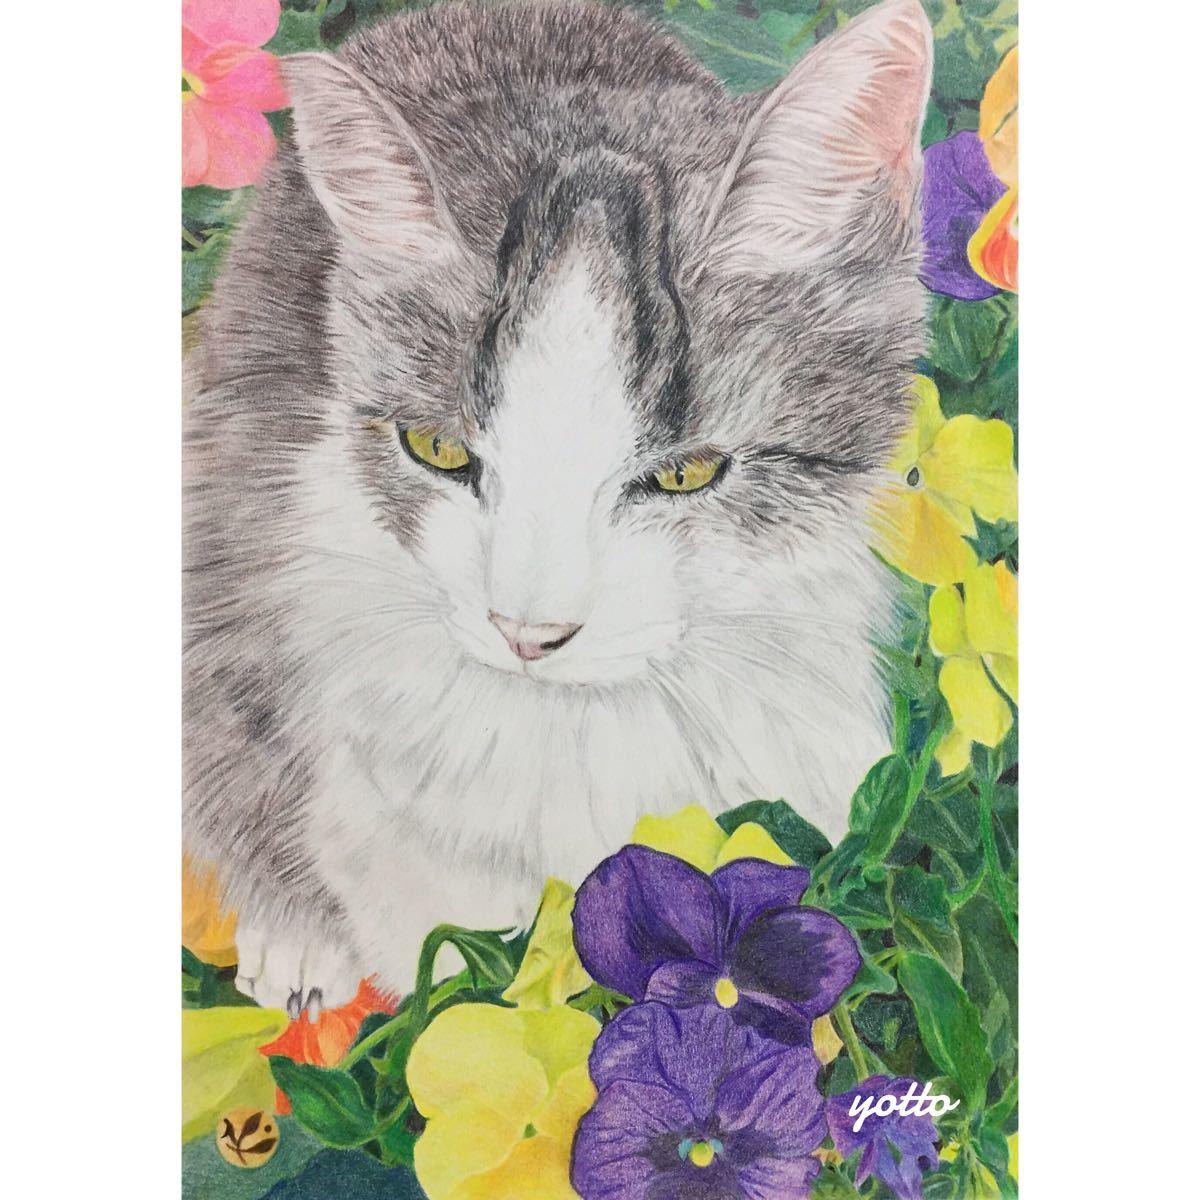 色鉛筆画「 いつまでも 」A4・額付き◇◆手描き◇原画◆猫◇◆yotto_画像1